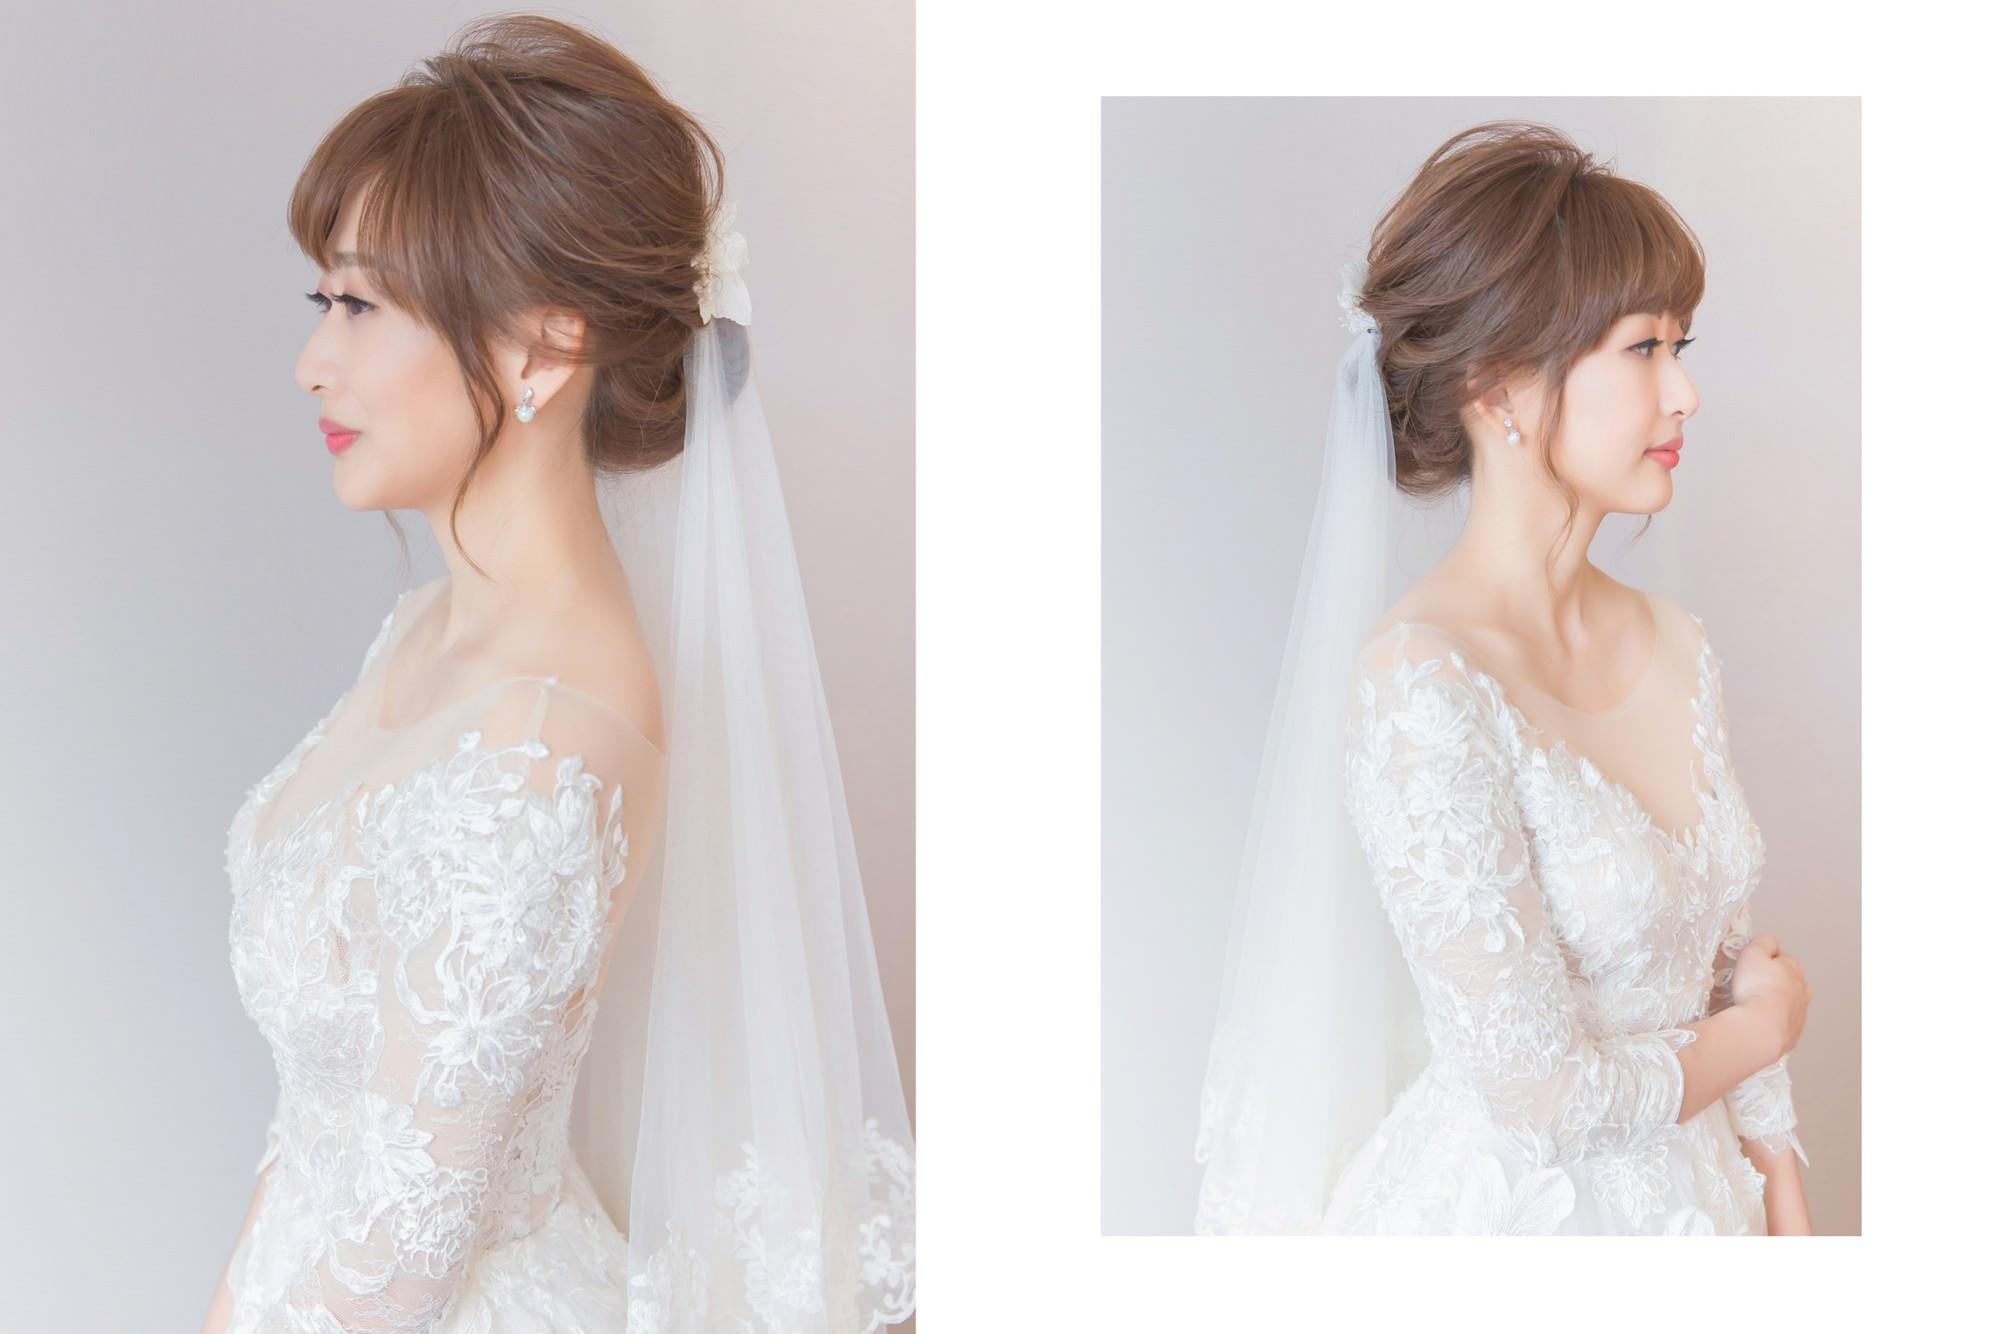 新娘秘書|新秘|新娘造型|白紗造型|新娘髮型|台北新秘|盤髮造型|C型瀏海|新娘妝容|wedding hairstyle|鮮花造型